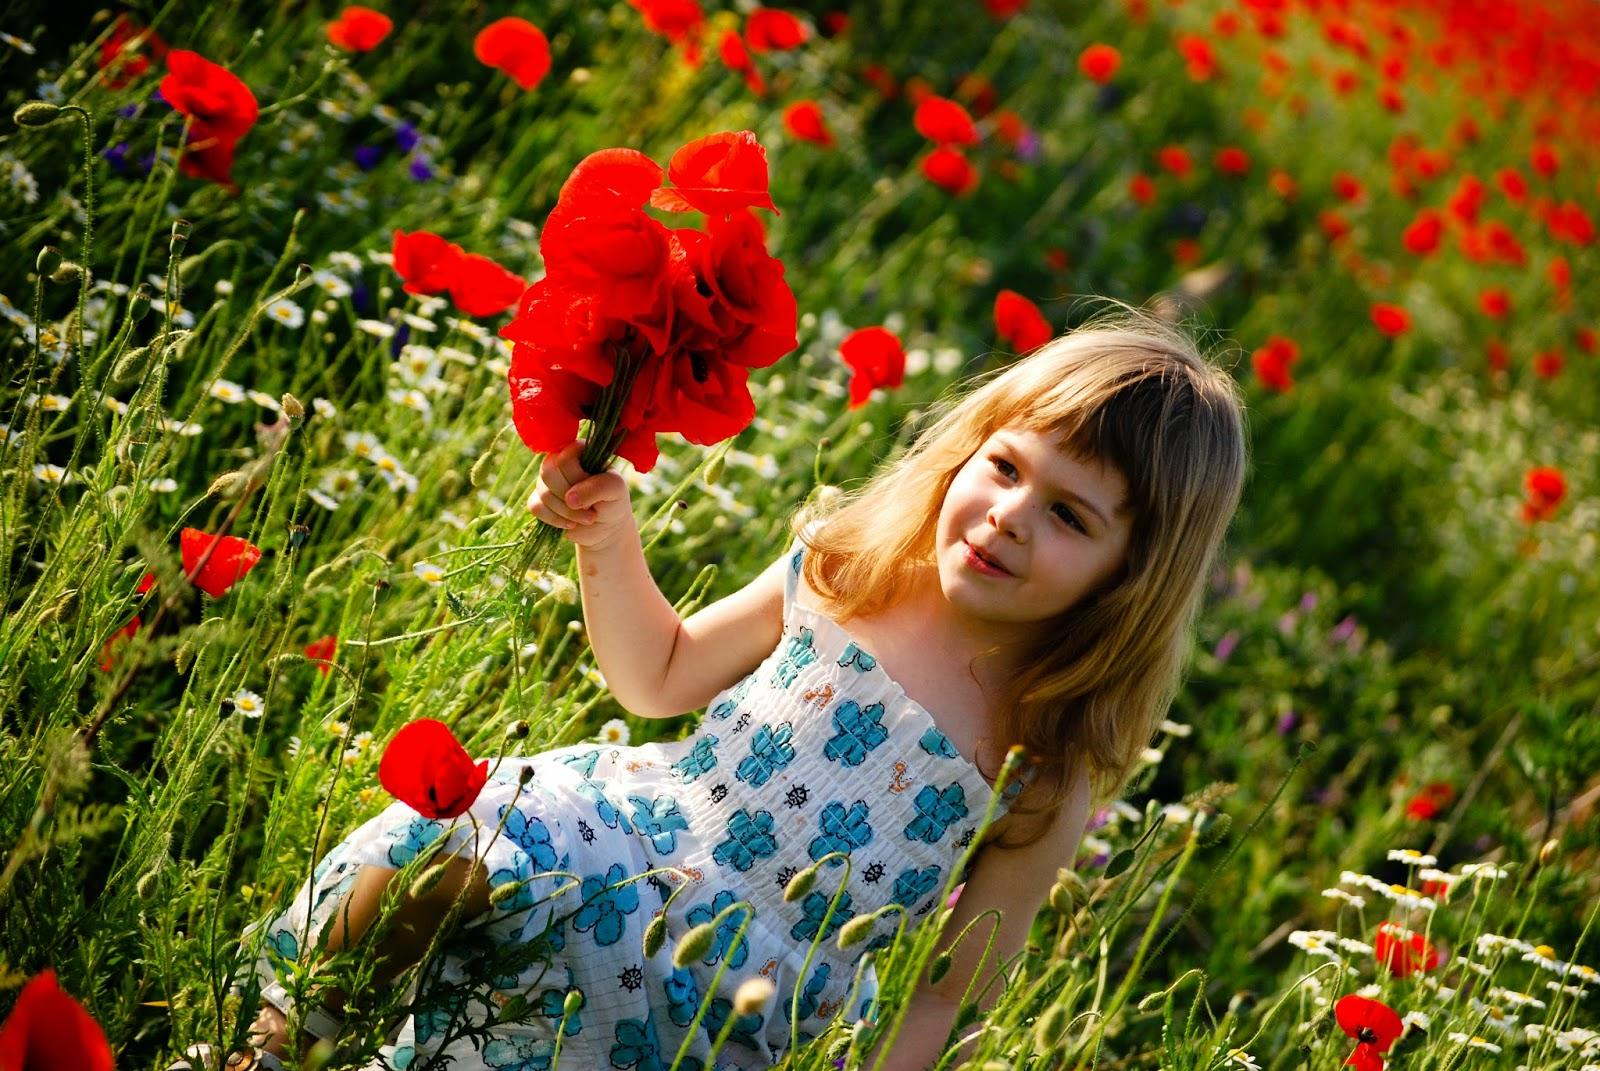 Gratis gambar anak perempuan cantik dengan bunga warna merah